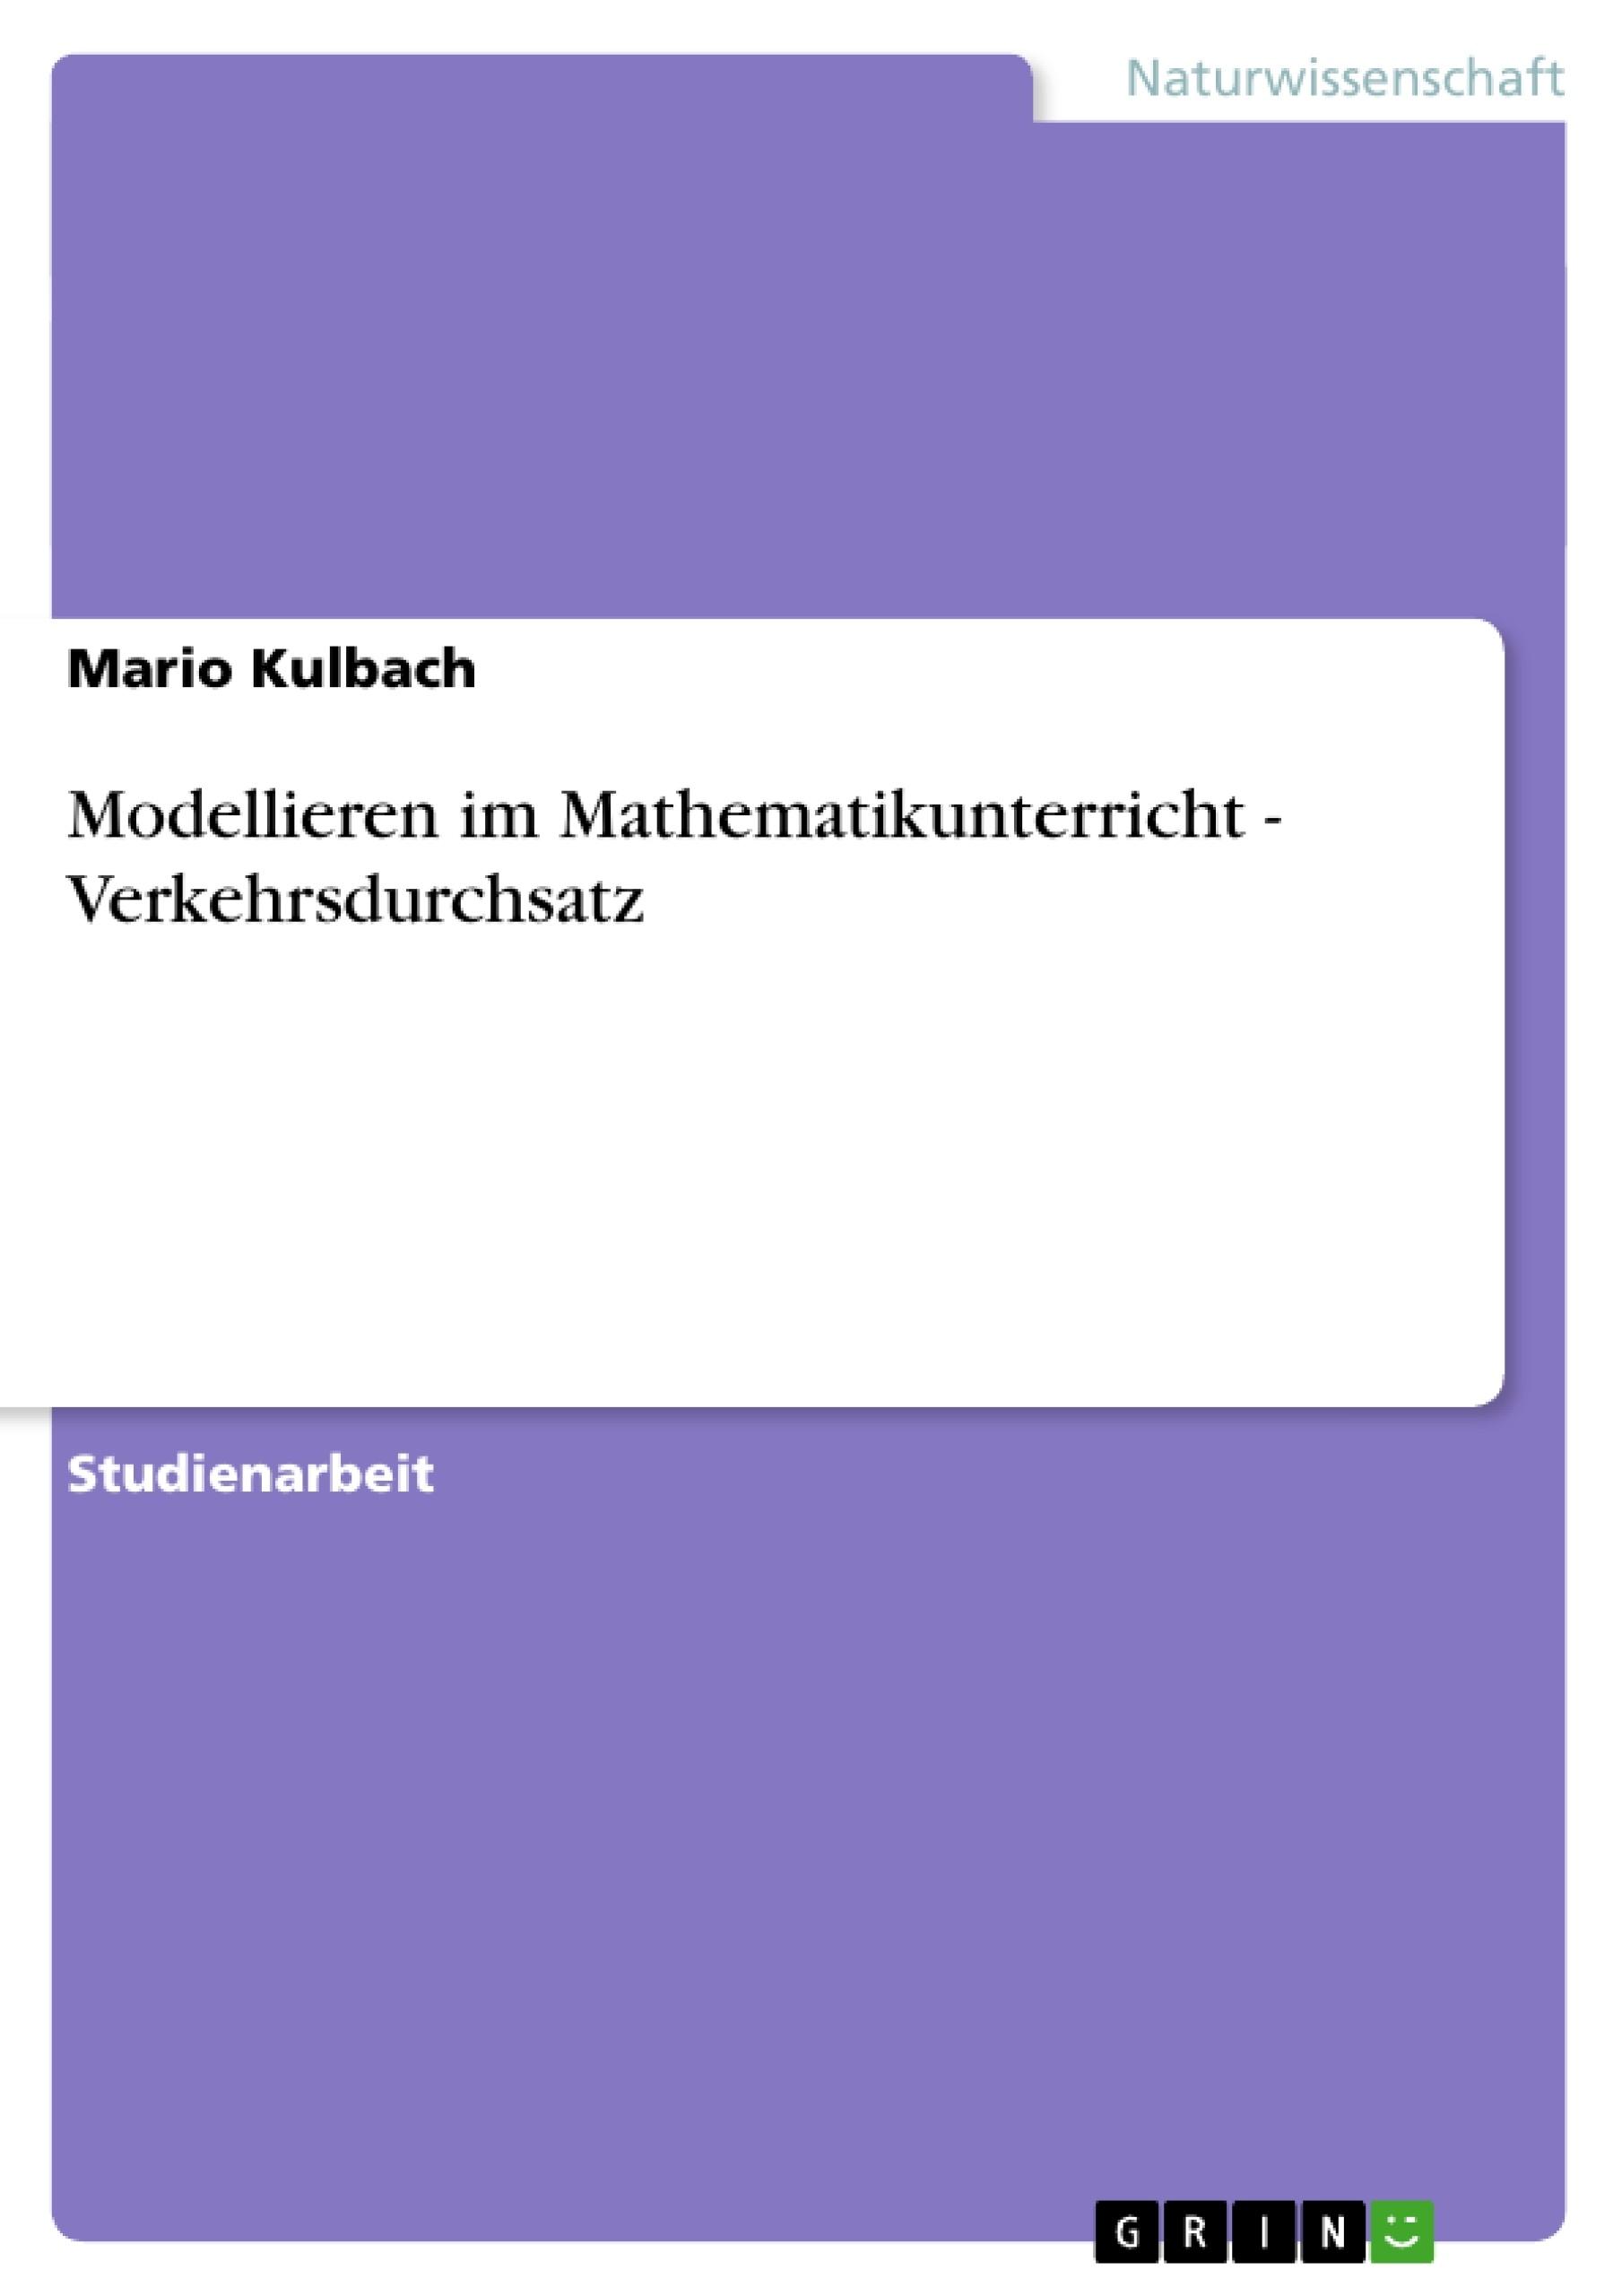 Titel: Modellieren im Mathematikunterricht - Verkehrsdurchsatz